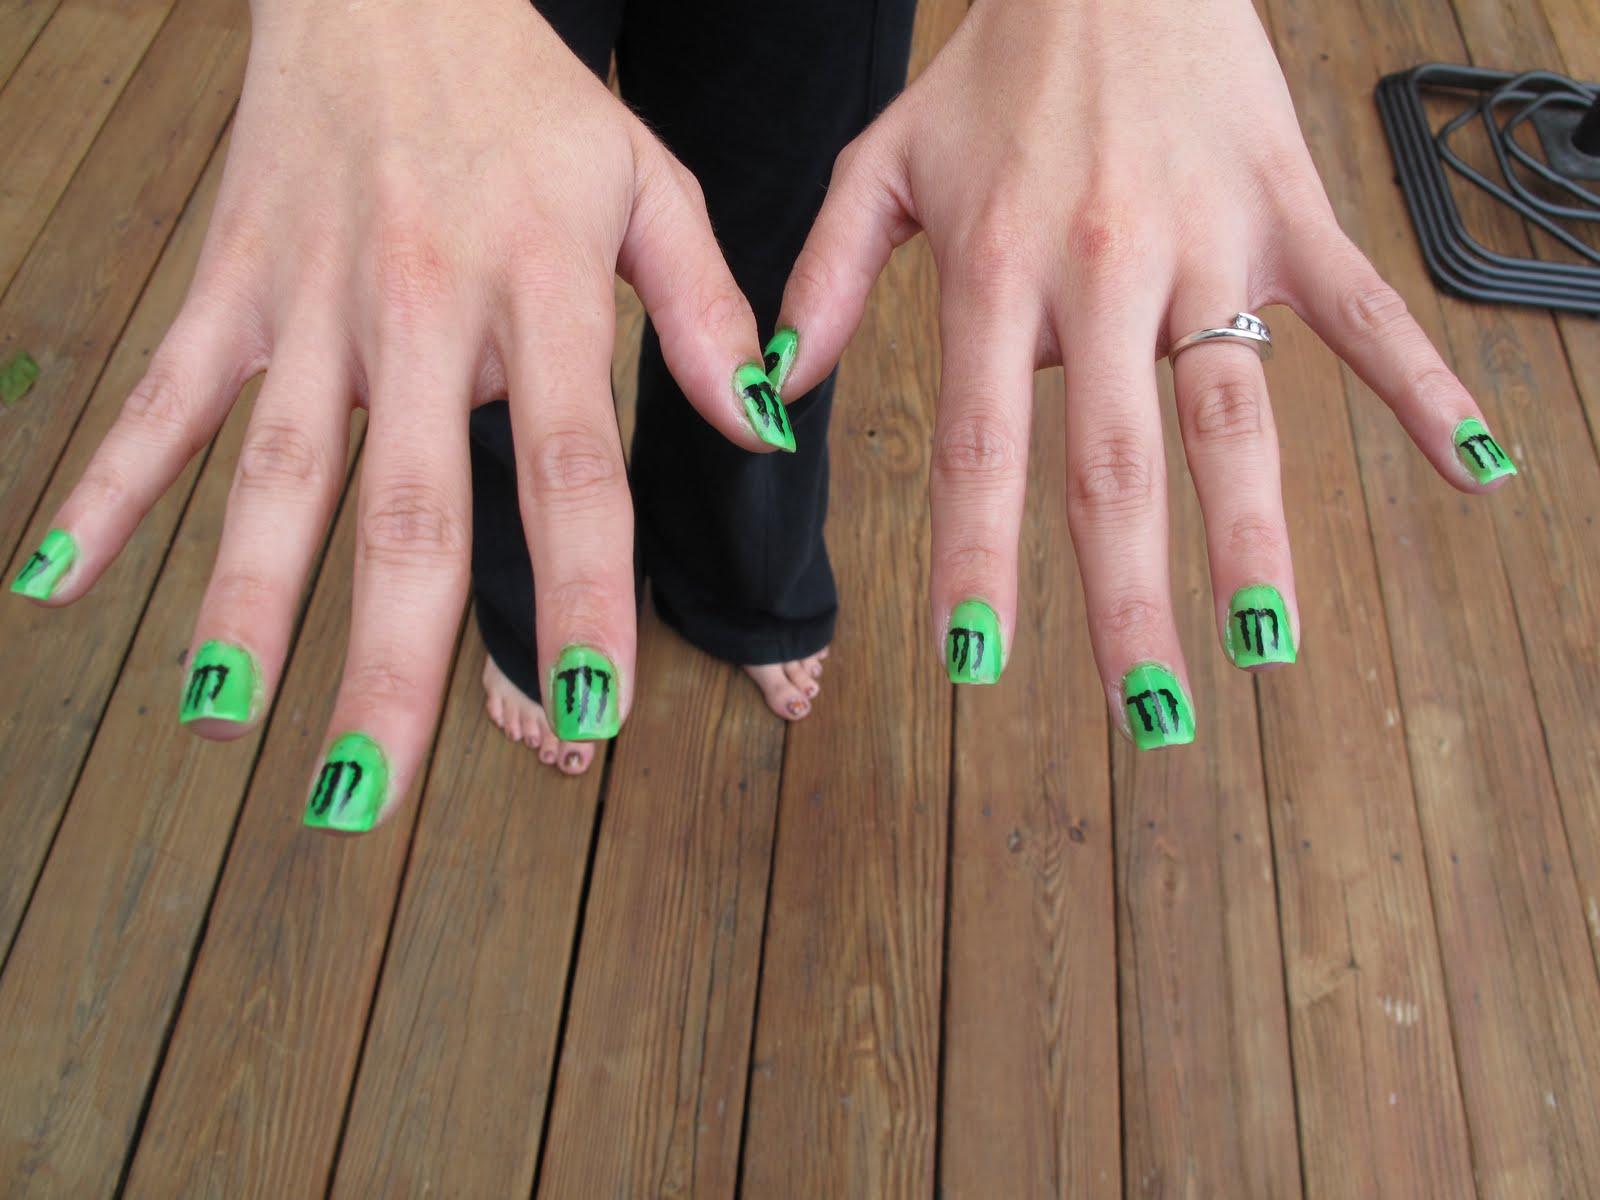 Nail Art Moster Nail Art Designs Green And Black Nail Polish